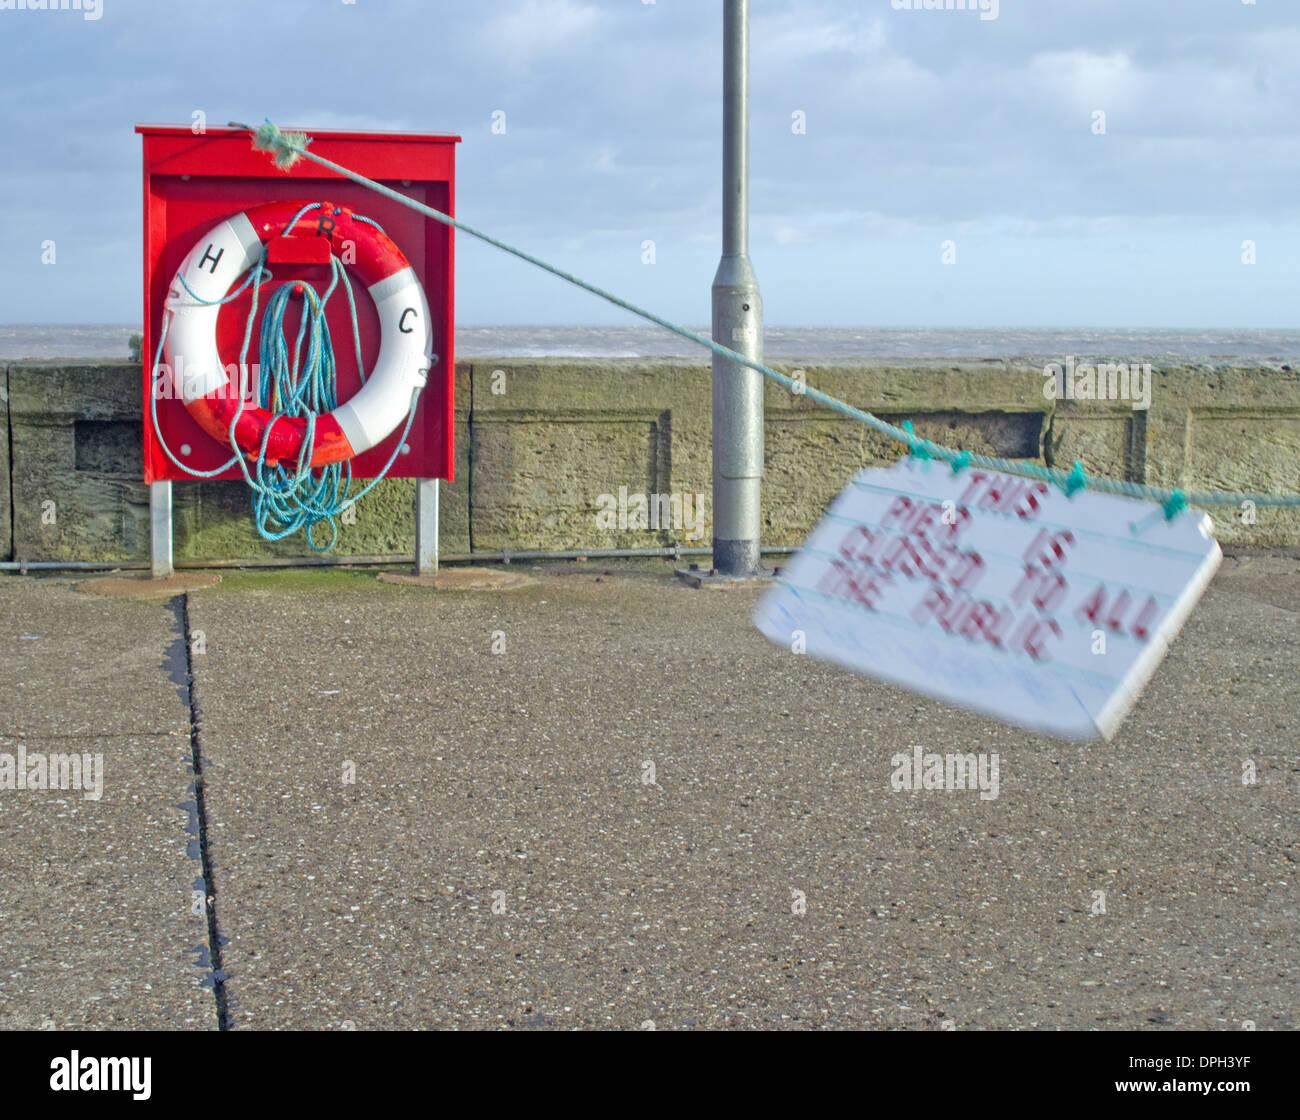 bridlington-east-yorkshire-outer-pier-cl